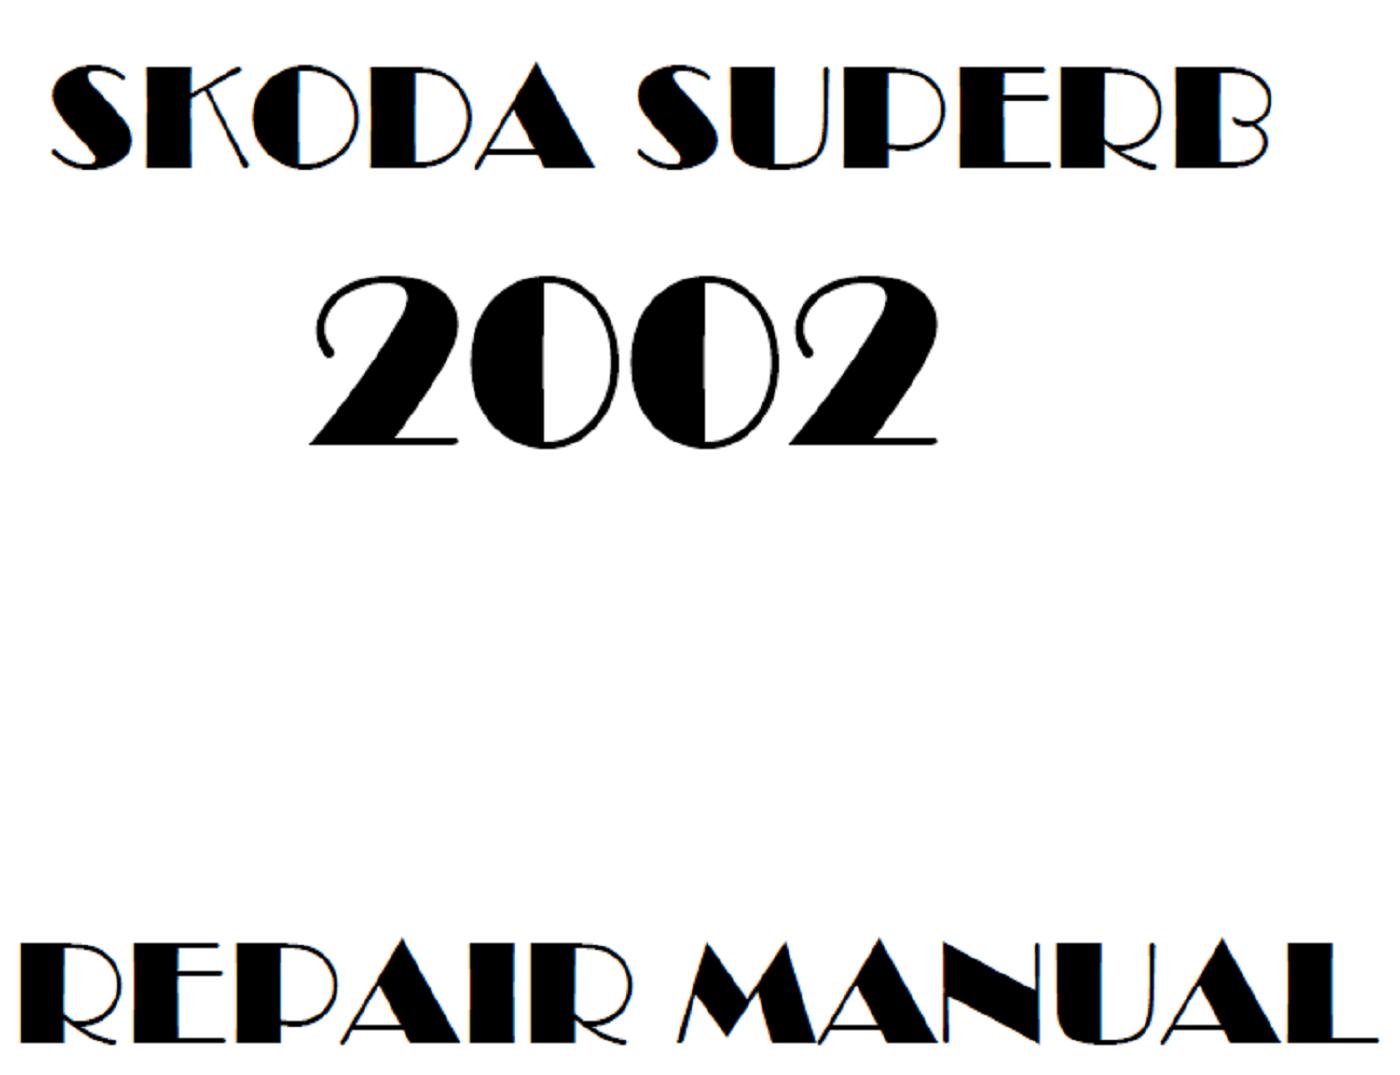 2002 Skoda Superb repair manual